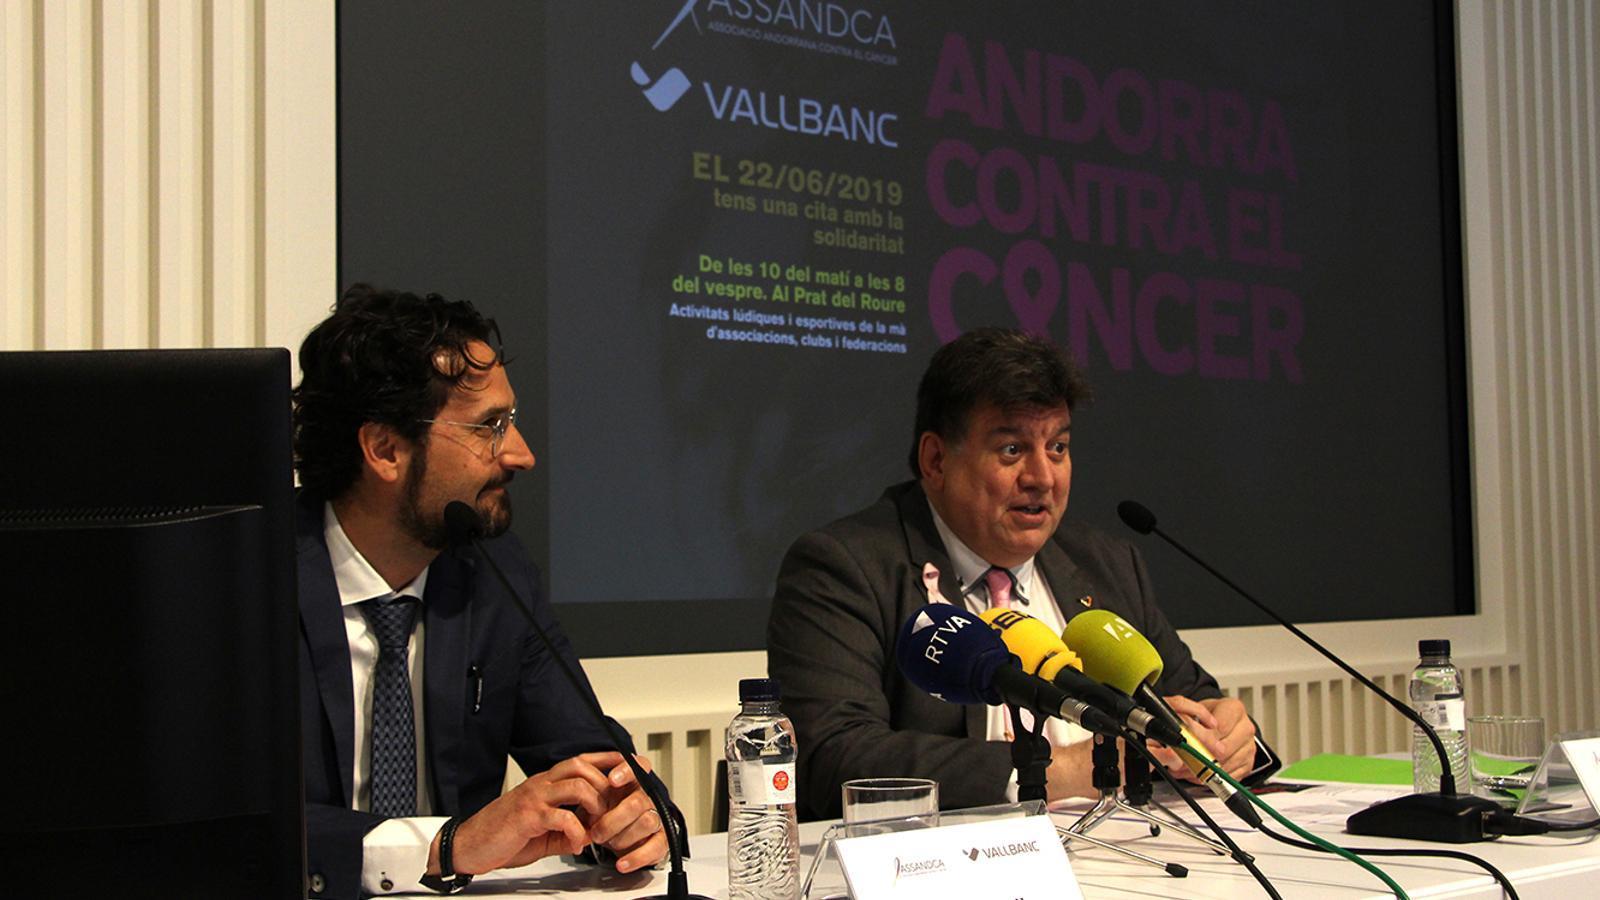 El director de gestió de persones de Vall Banc, Marc Cornella, i el president d'Assandca, Josep Saravia, en la presentació de la jornada 'Andorra contra el càncer'. / M. F. (ANA)